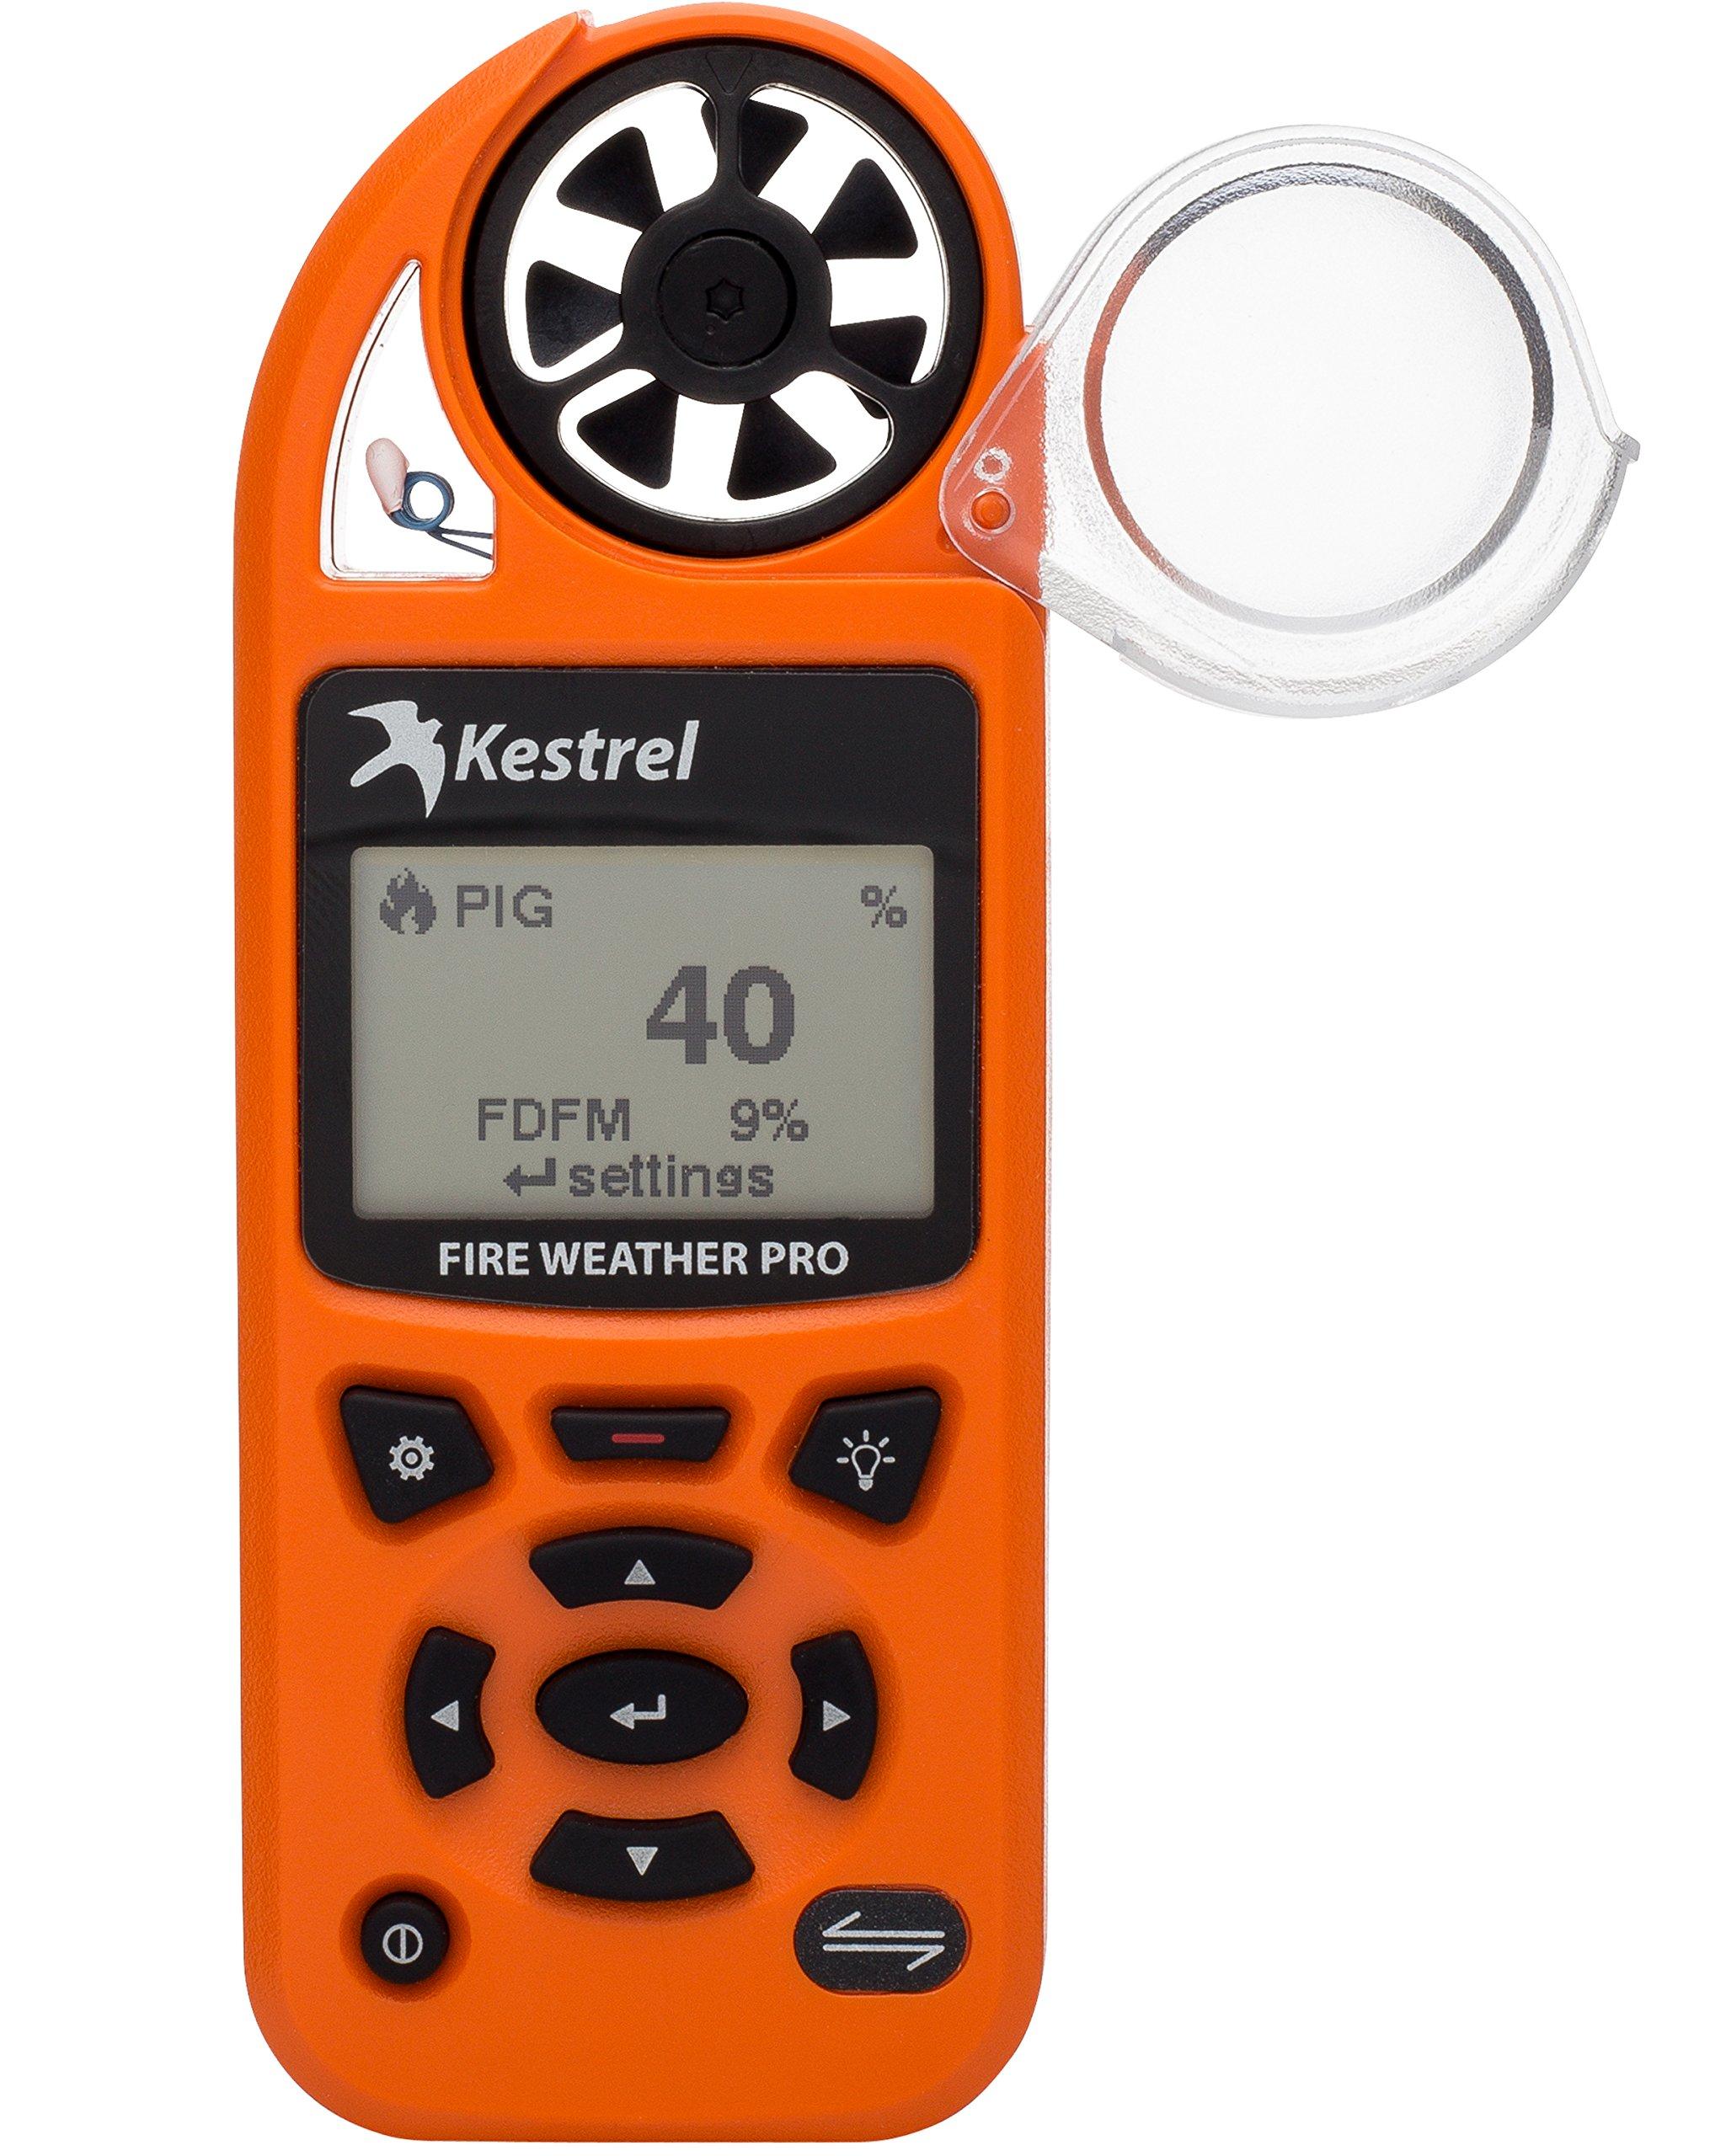 Kestrel 5500FW Fire Weather Meter Pro Non-Link by Kestrel